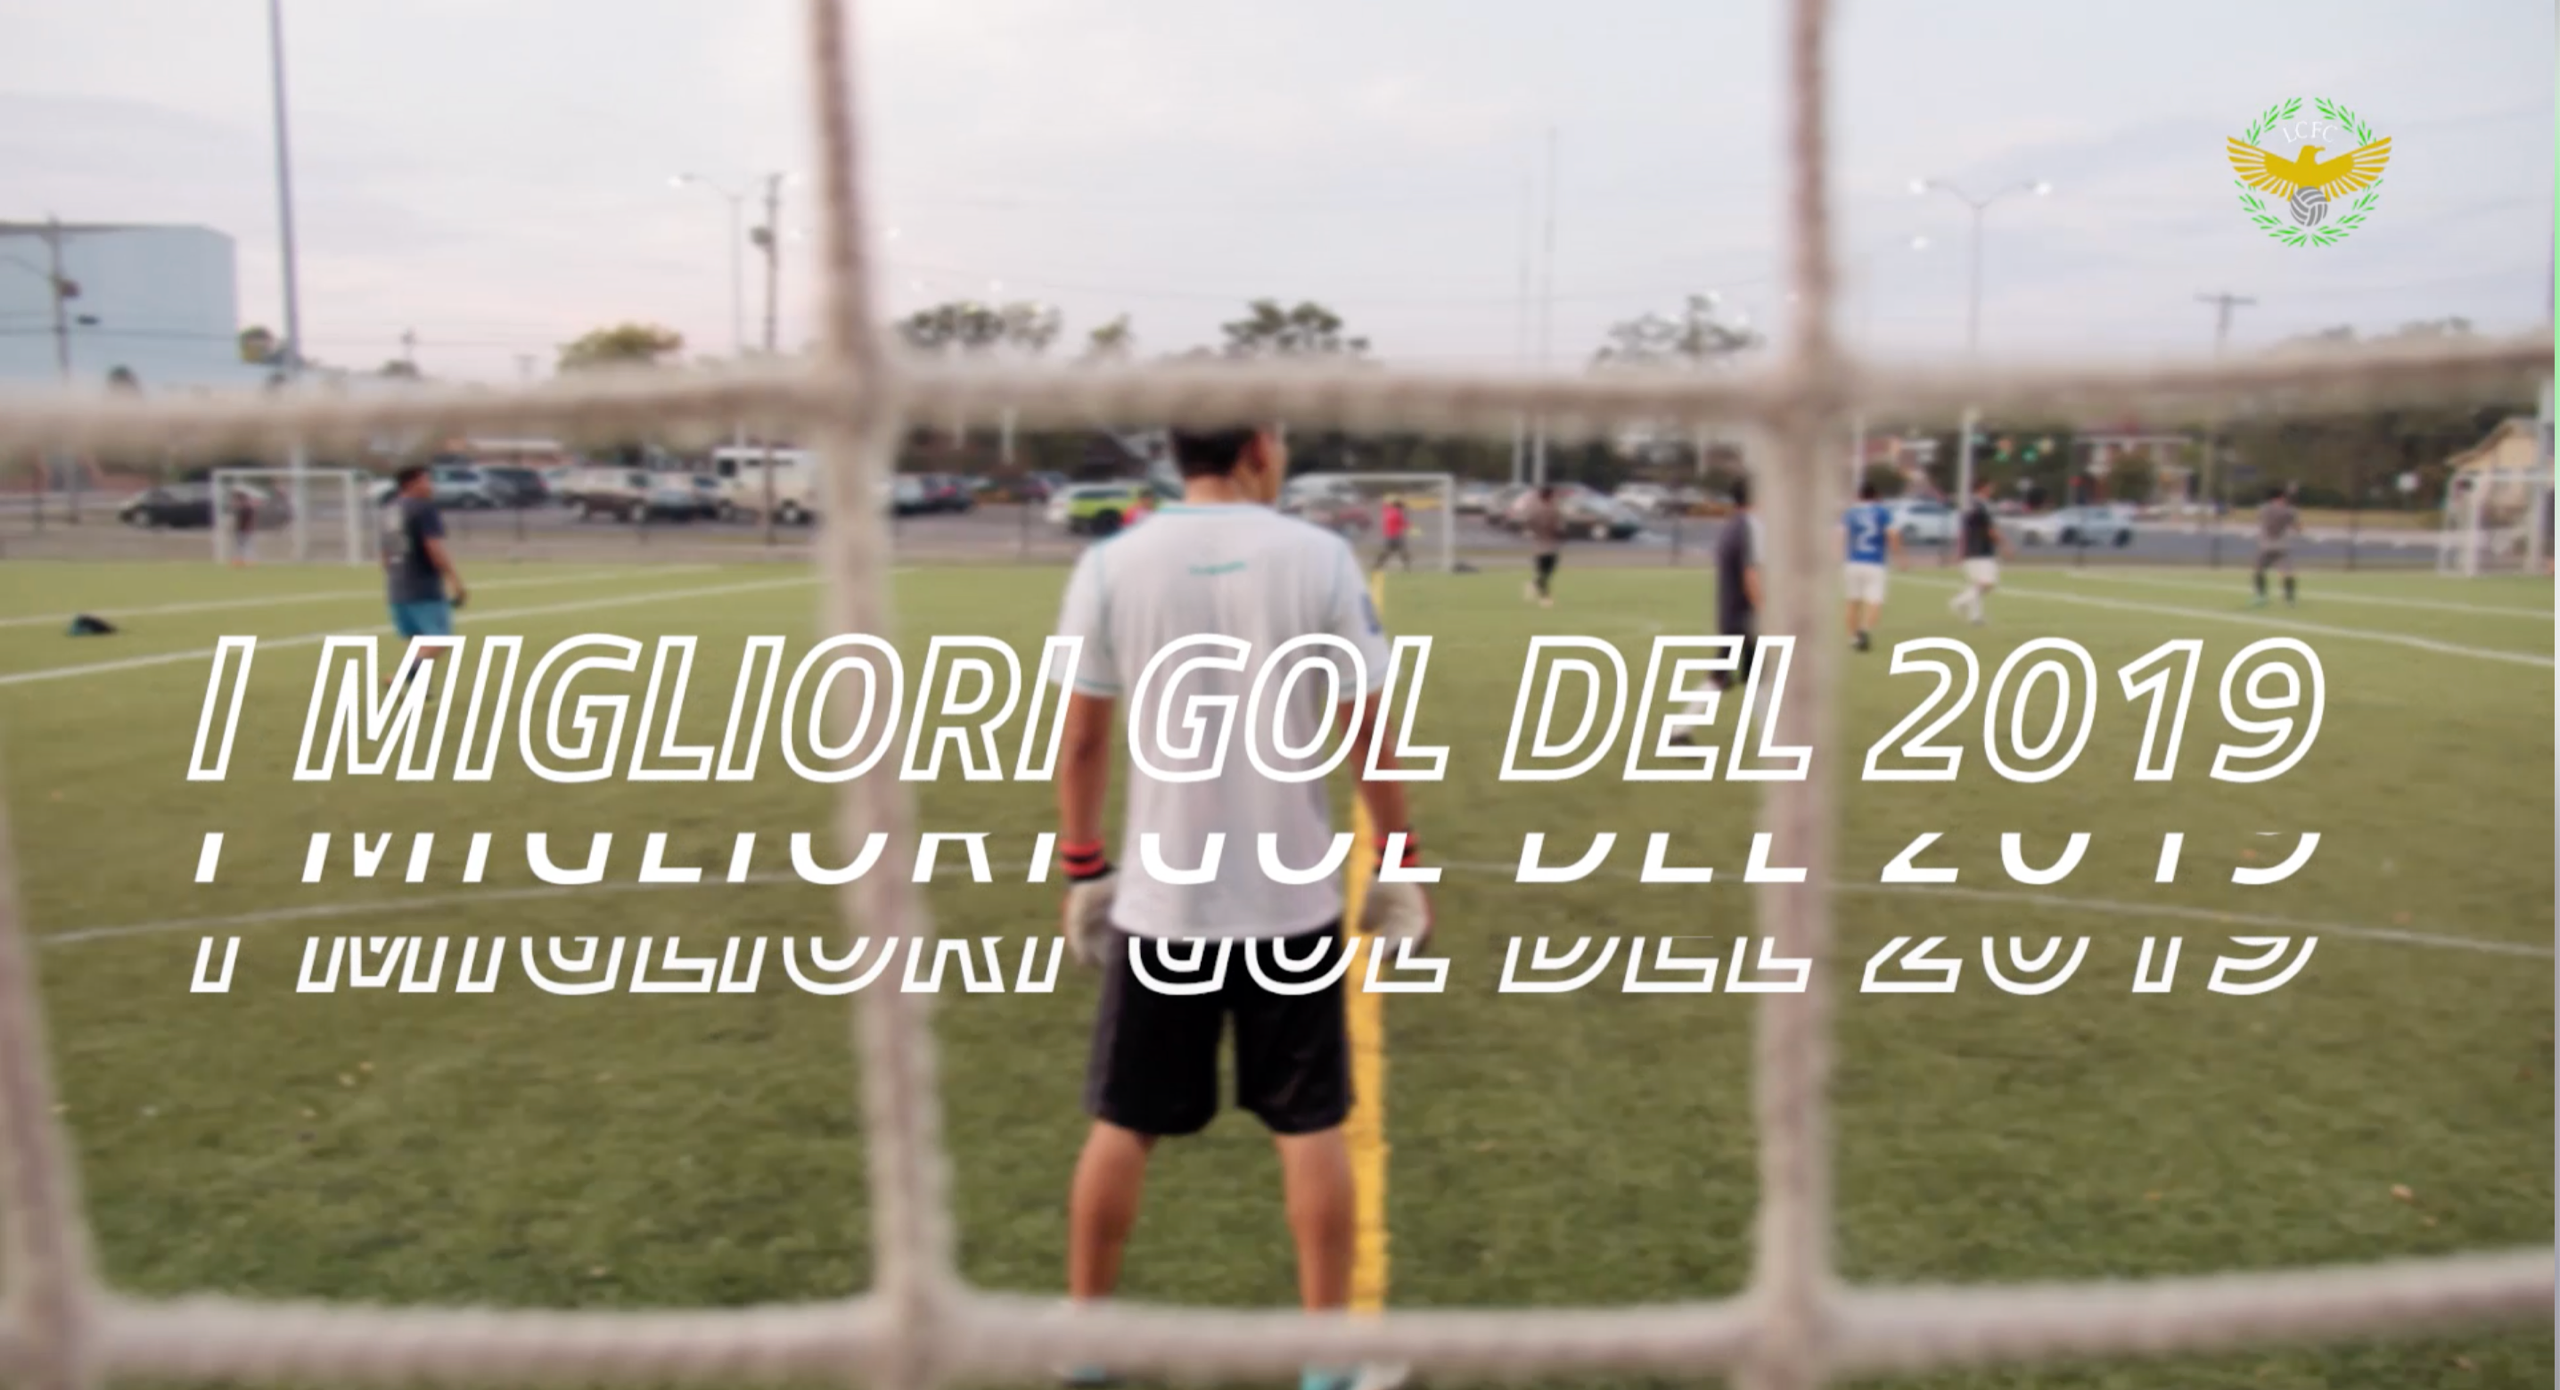 I migliori gol del 2019 - Semifinali